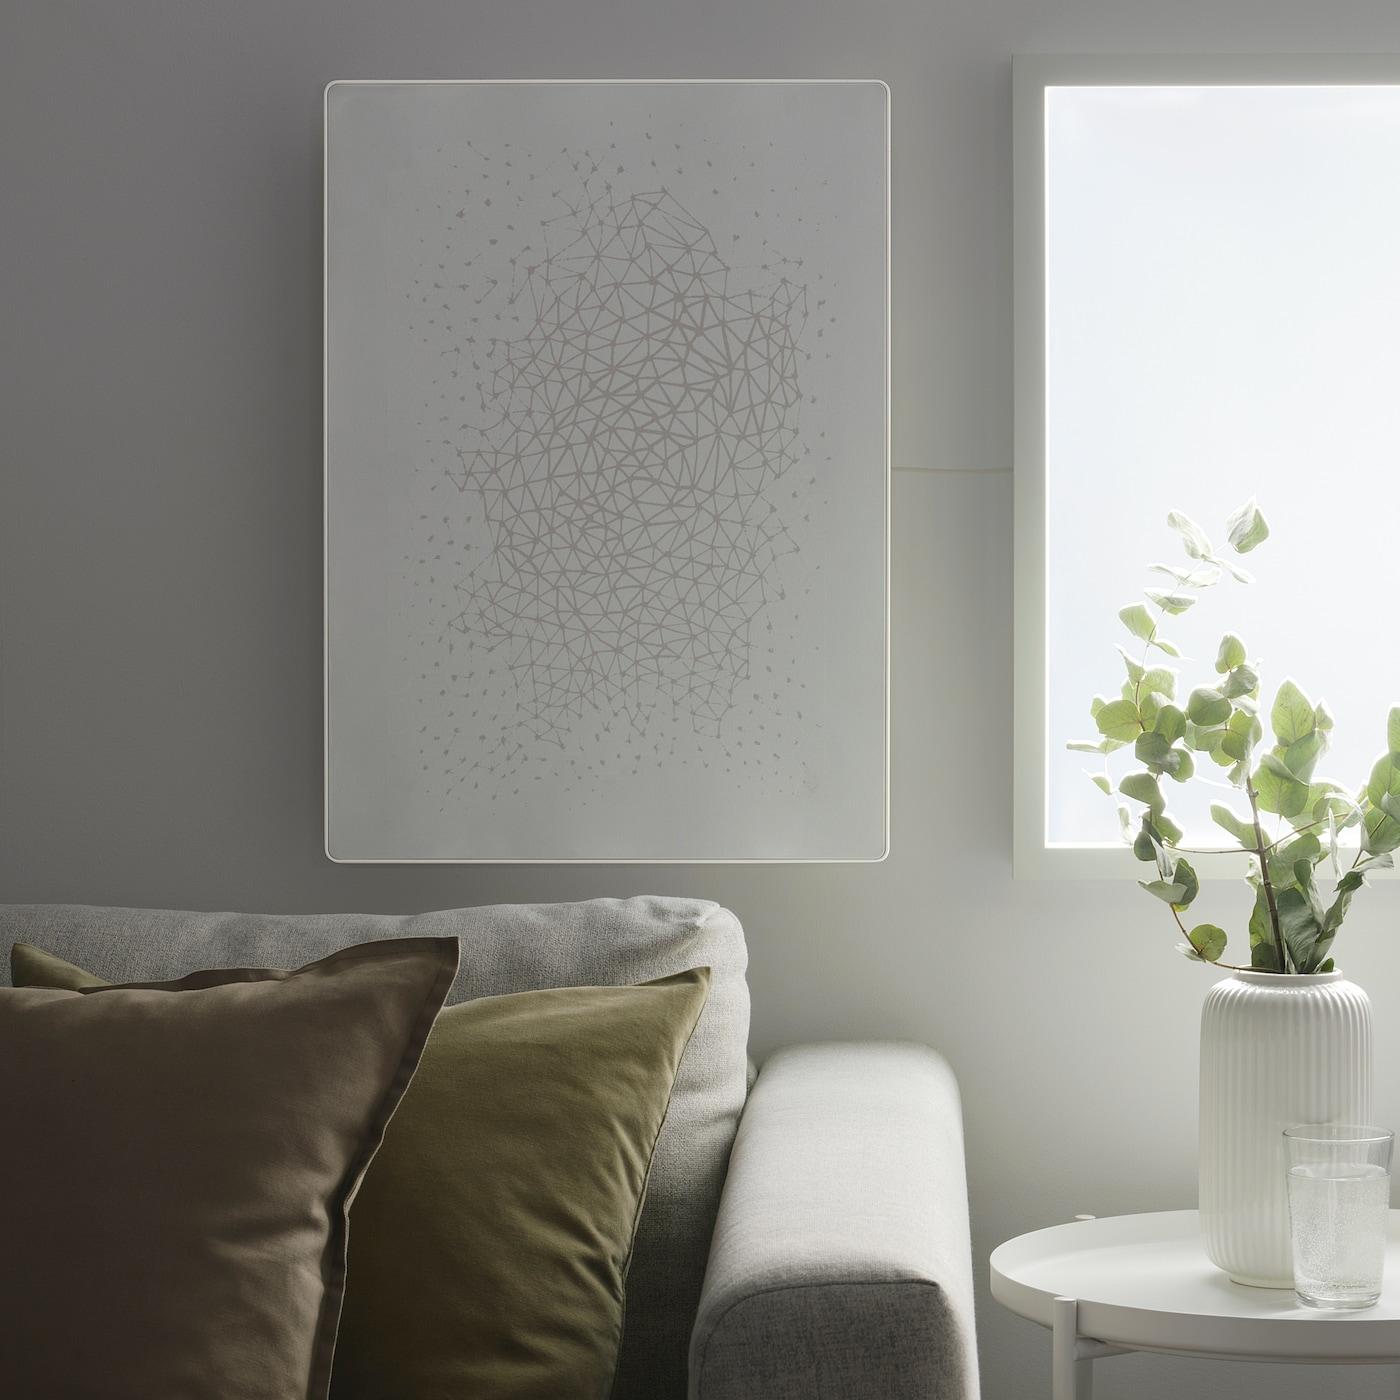 SYMFONISK Billedramme med wi-fi-højttaler, hvid